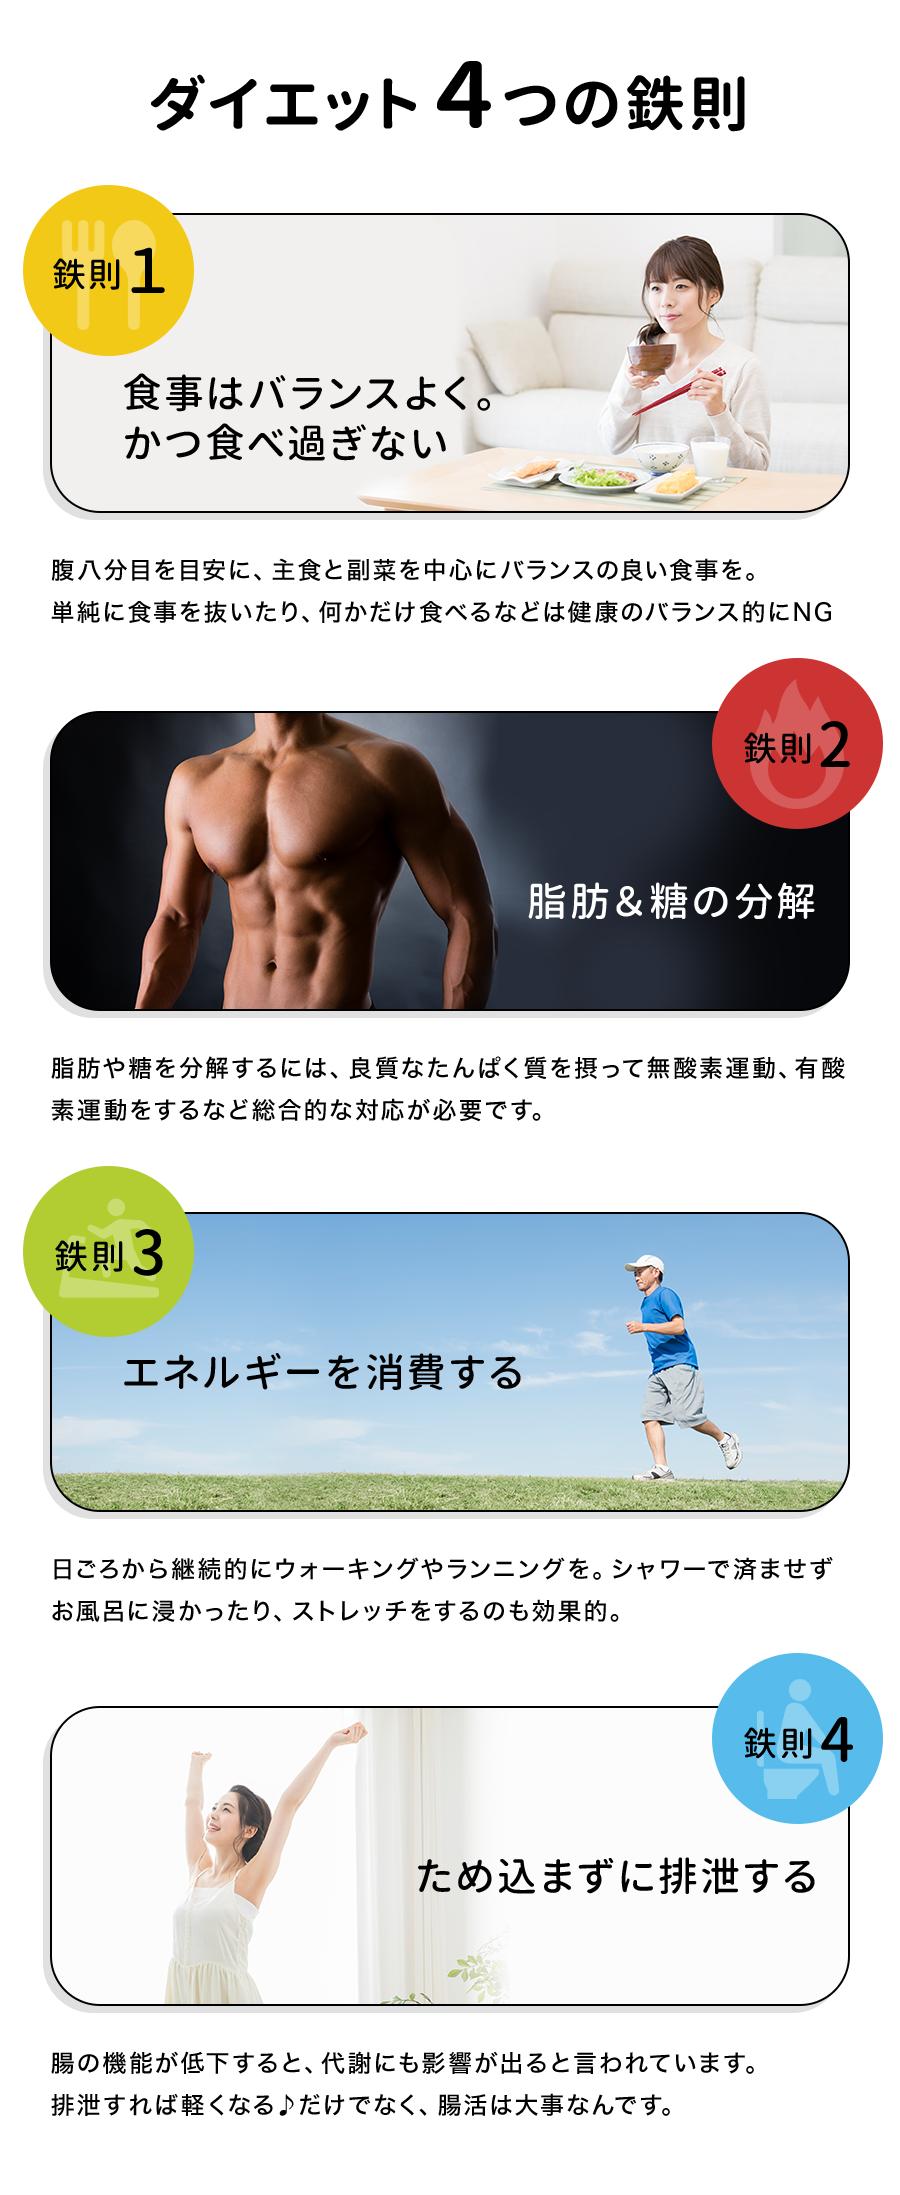 ダイエット4つの鉄則